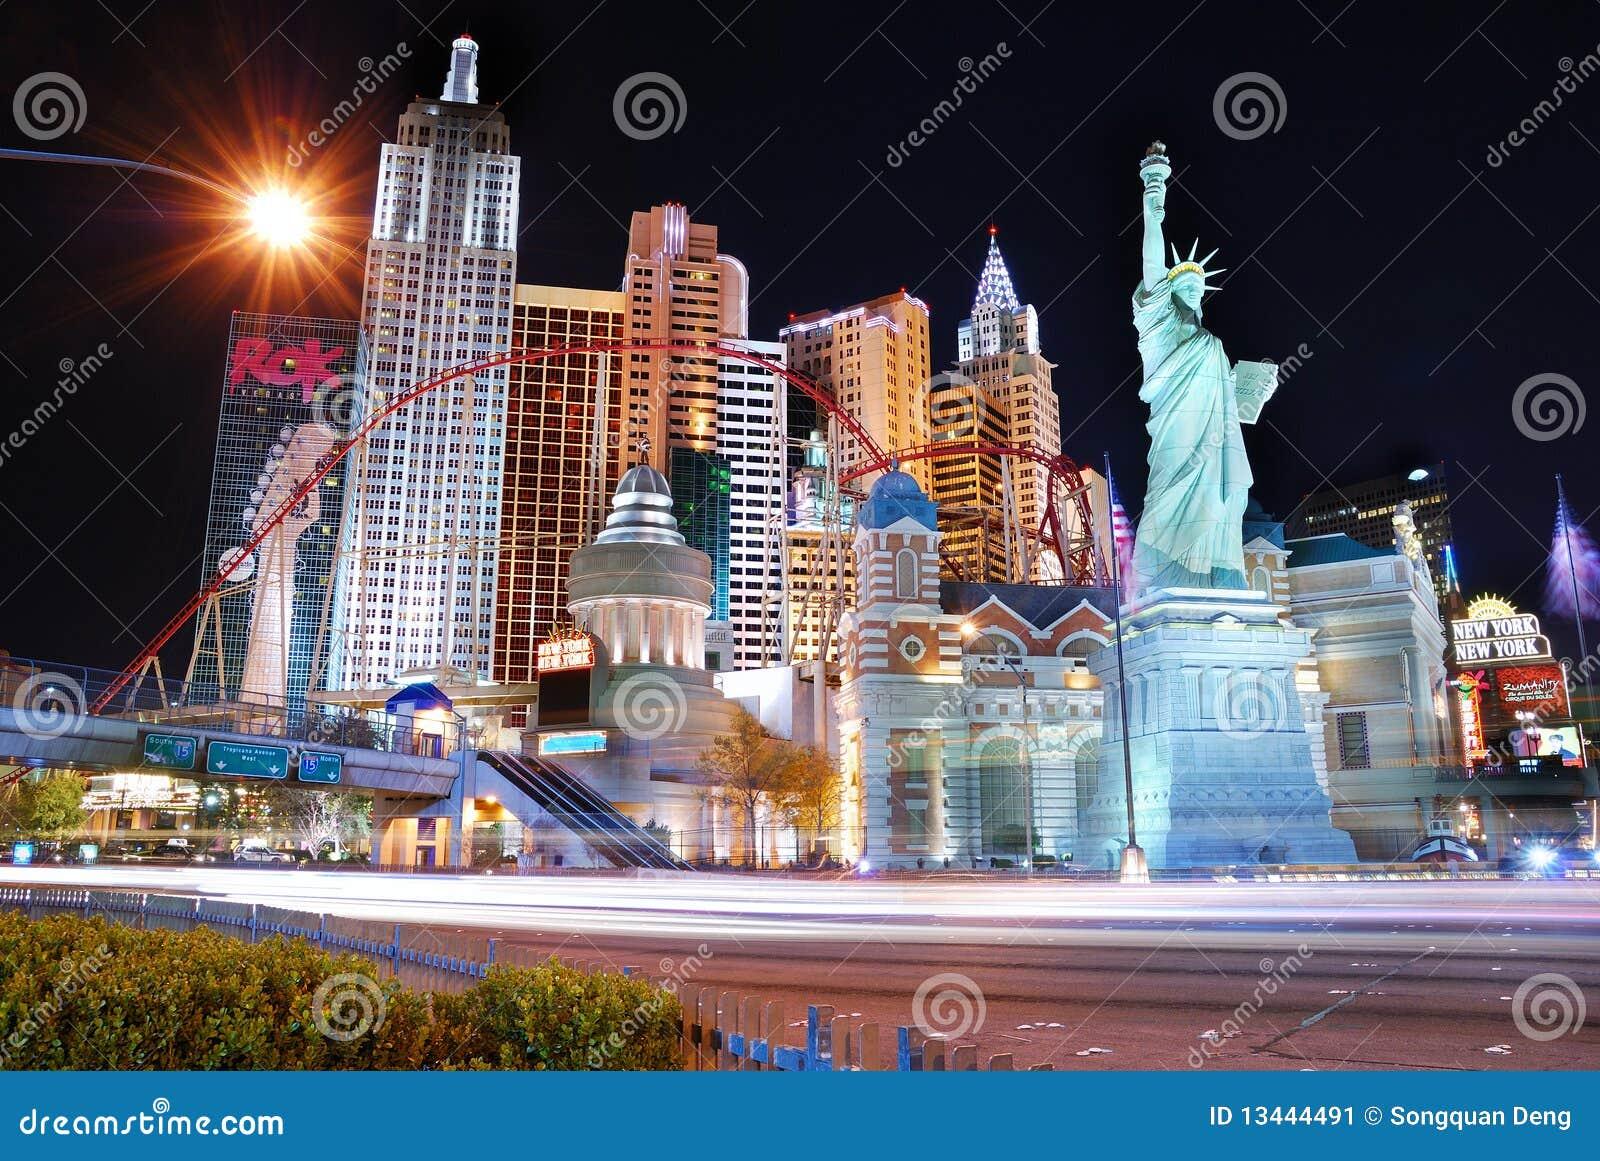 casino tower slot machines